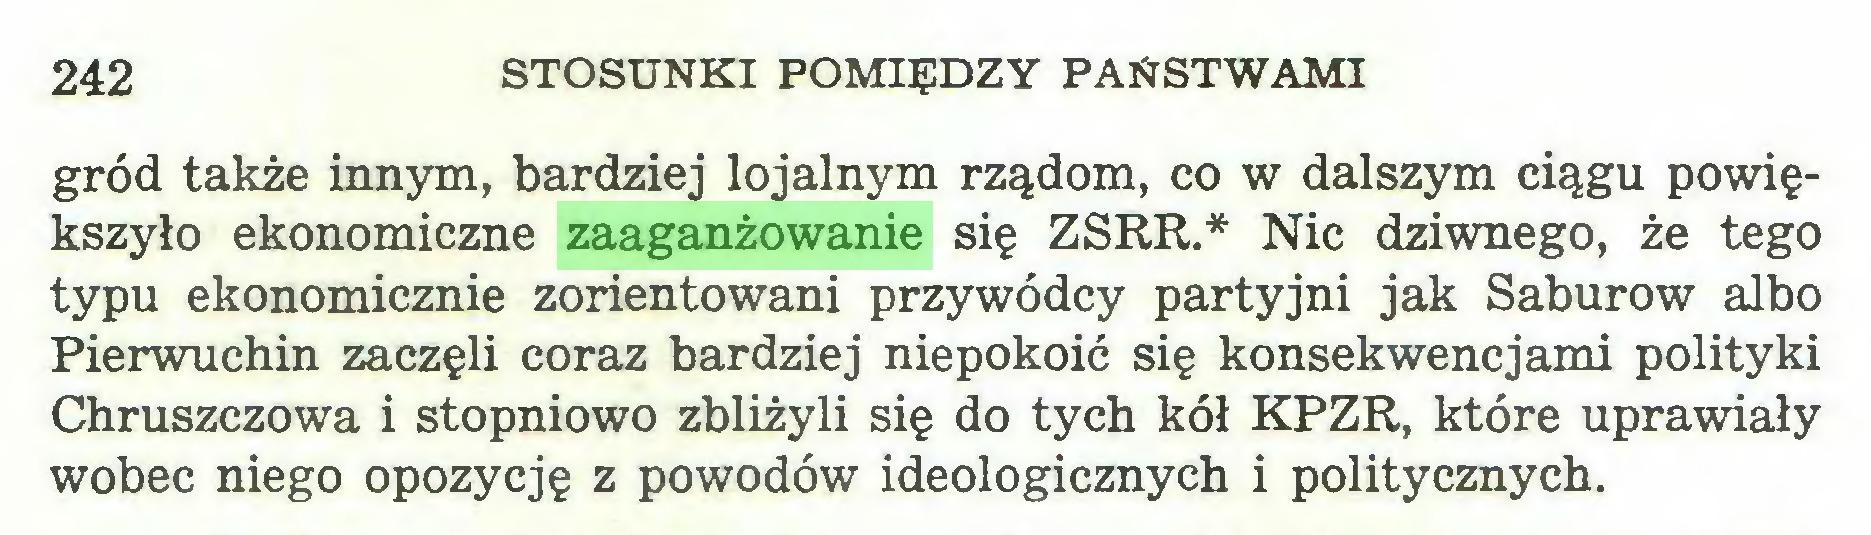 (...) 242 STOSUNKI POMIĘDZY PAŃSTWAMI gród także innym, bardziej lojalnym rządom, co w dalszym ciągu powiększyło ekonomiczne zaaganżowanie się ZSRR.* Nic dziwnego, że tego typu ekonomicznie zorientowani przywódcy partyjni jak Saburow albo Pierwuchin zaczęli coraz bardziej niepokoić się konsekwencjami polityki Chruszczowa i stopniowo zbliżyli się do tych kół KPZR, które uprawiały wobec niego opozycję z powodów ideologicznych i politycznych...